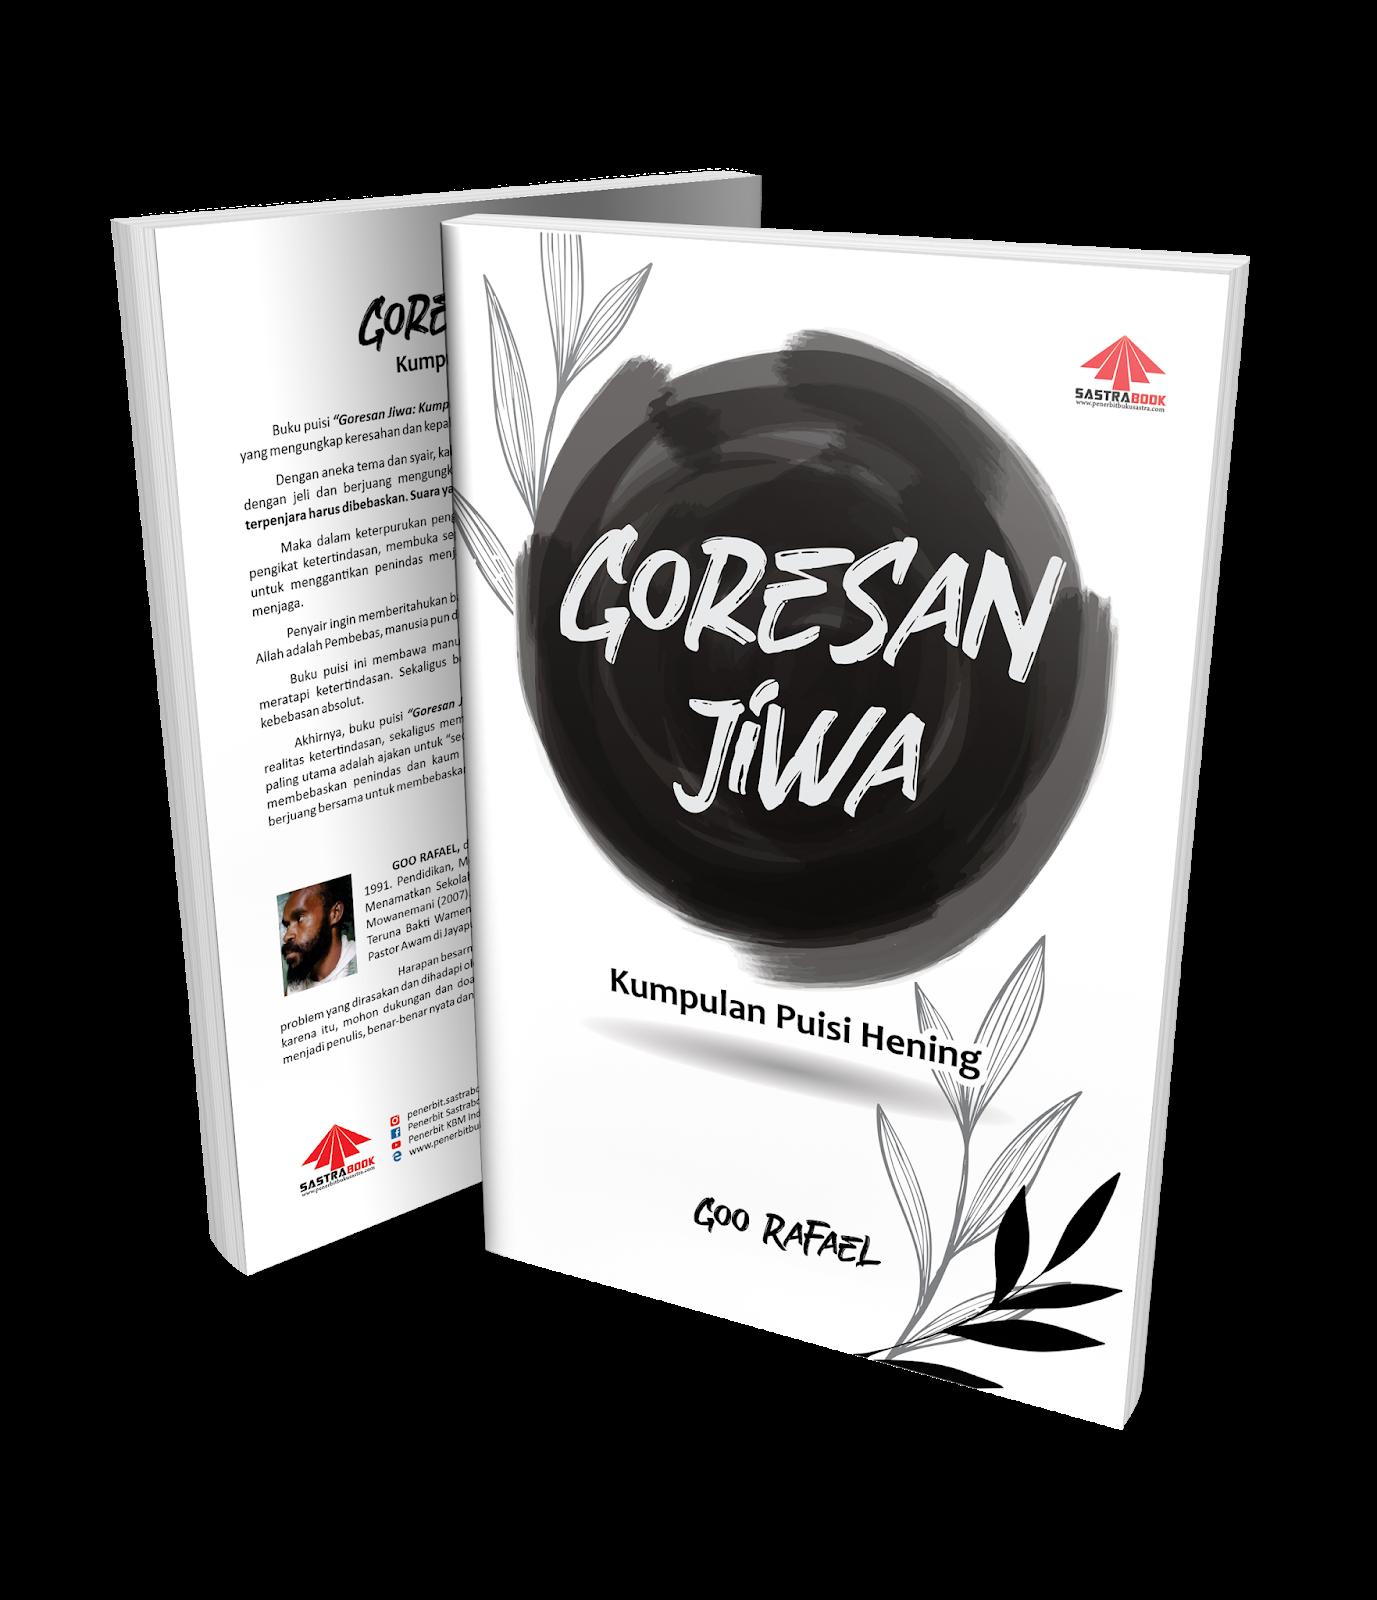 GORESAN JIWA